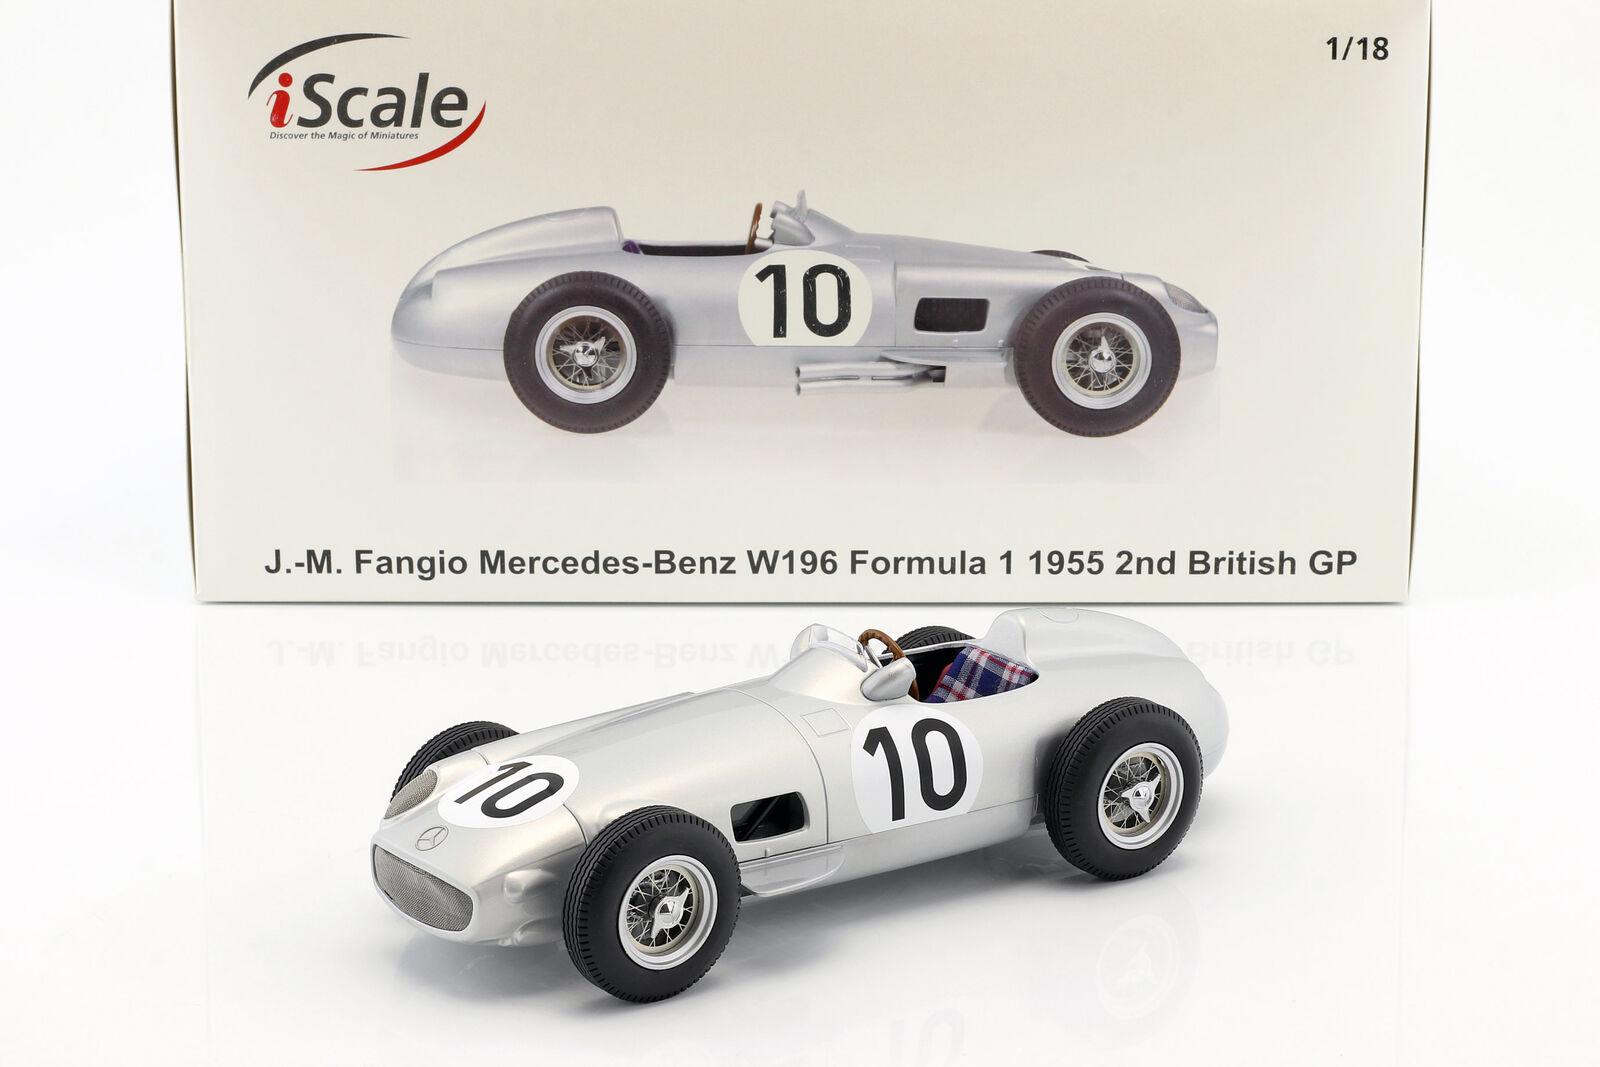 J.M. Fangio Mercedes-Benz W196  10 2nd British GP Welt Champion Formel 1 1955 1